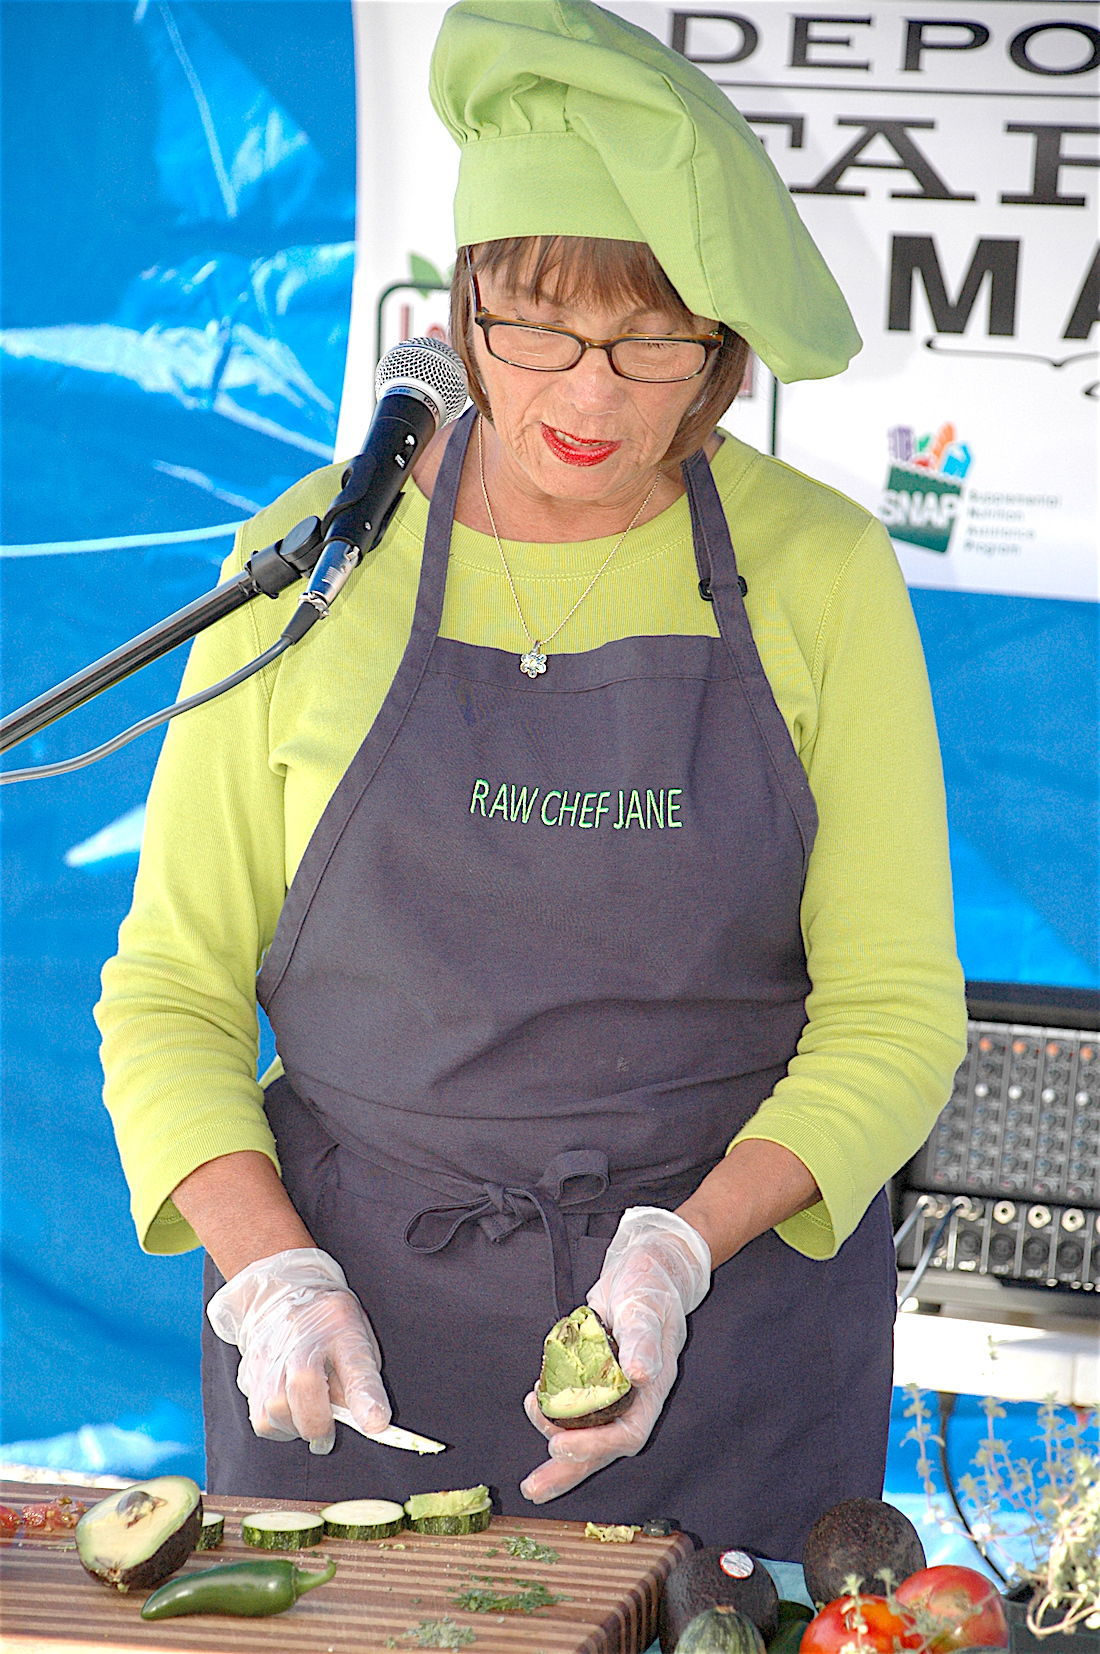 Raw Chef Jane